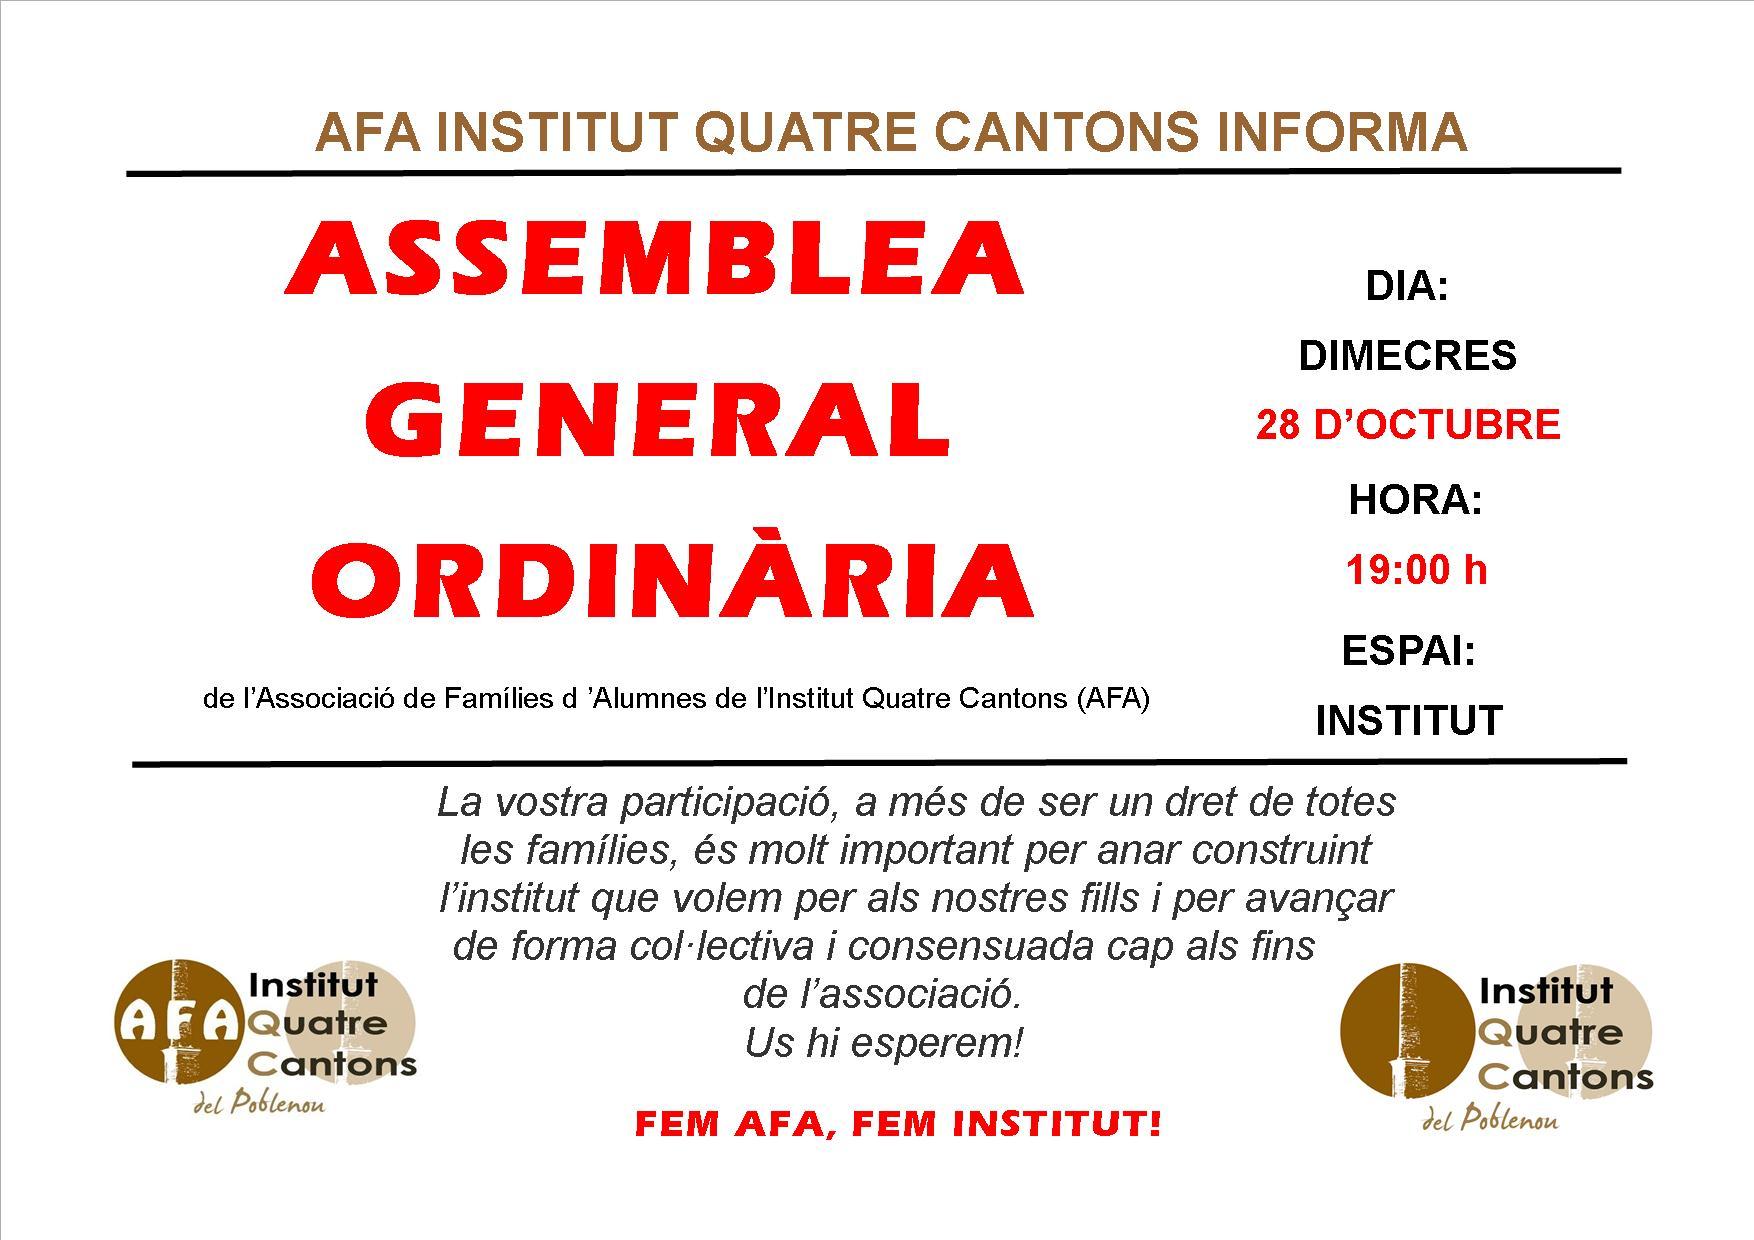 Assemblea general ordinària AFA 28 d'octubre 2015